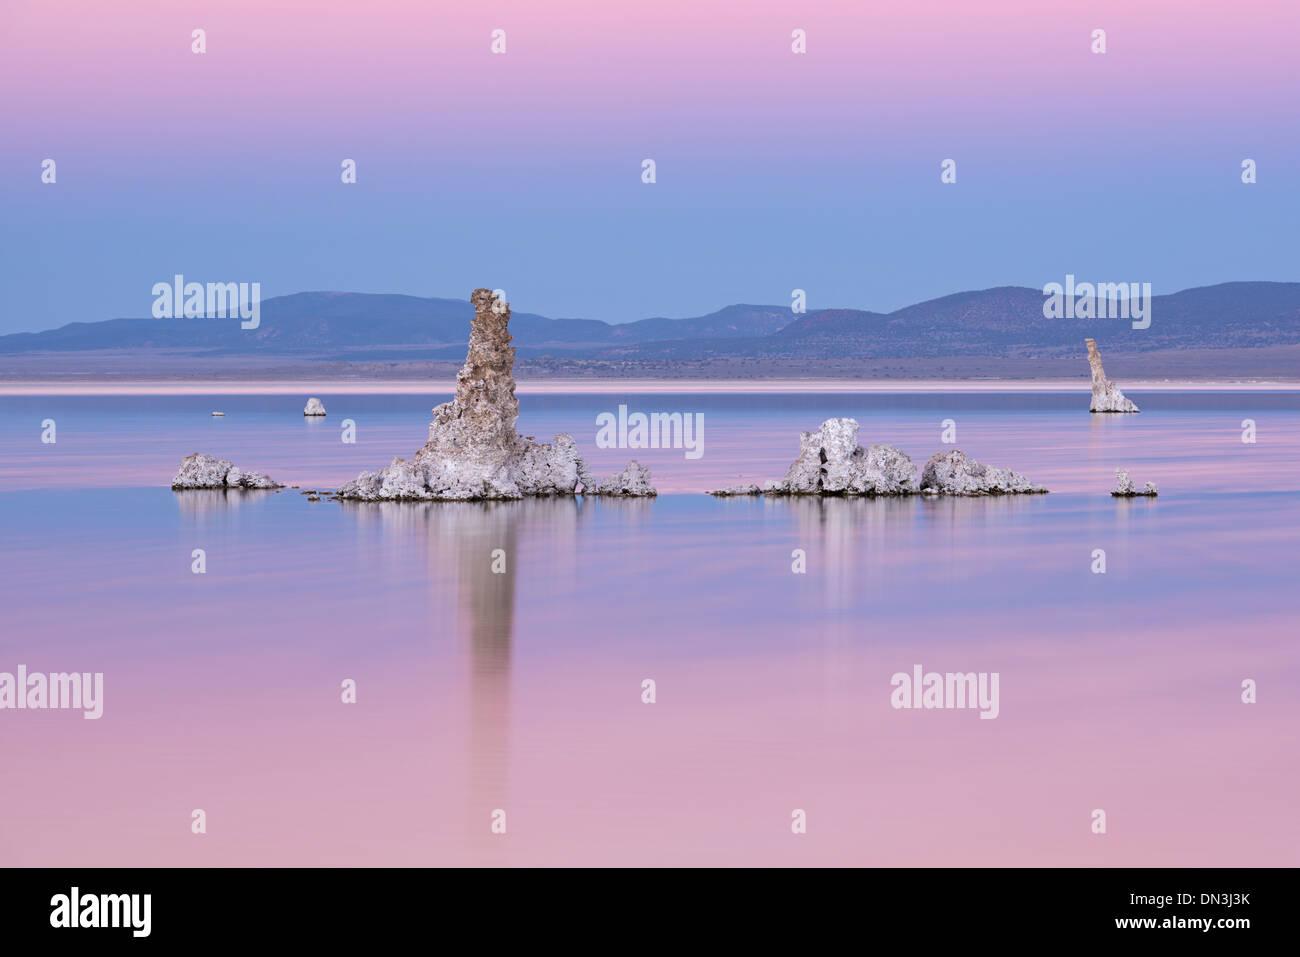 Las torres de tufa en Lago Mono en la penumbra, California, USA. Otoño (octubre de 2013). Imagen De Stock